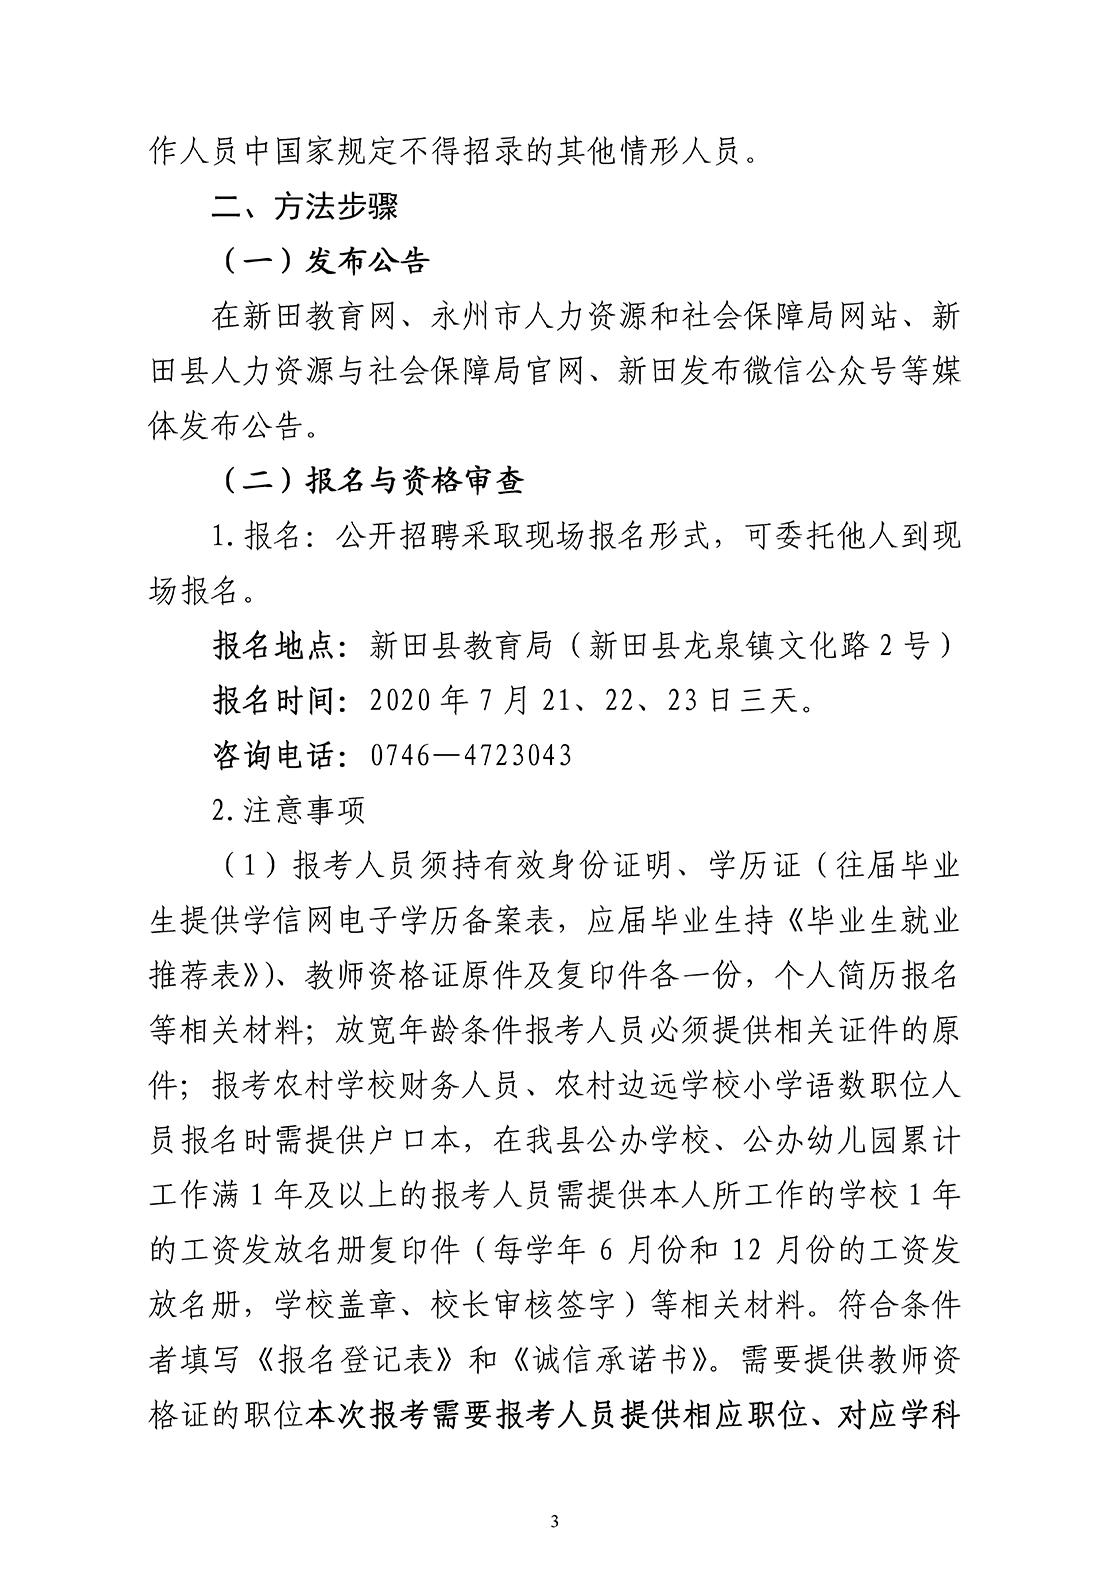 2020年永州市新田县招聘公办教师公告图3